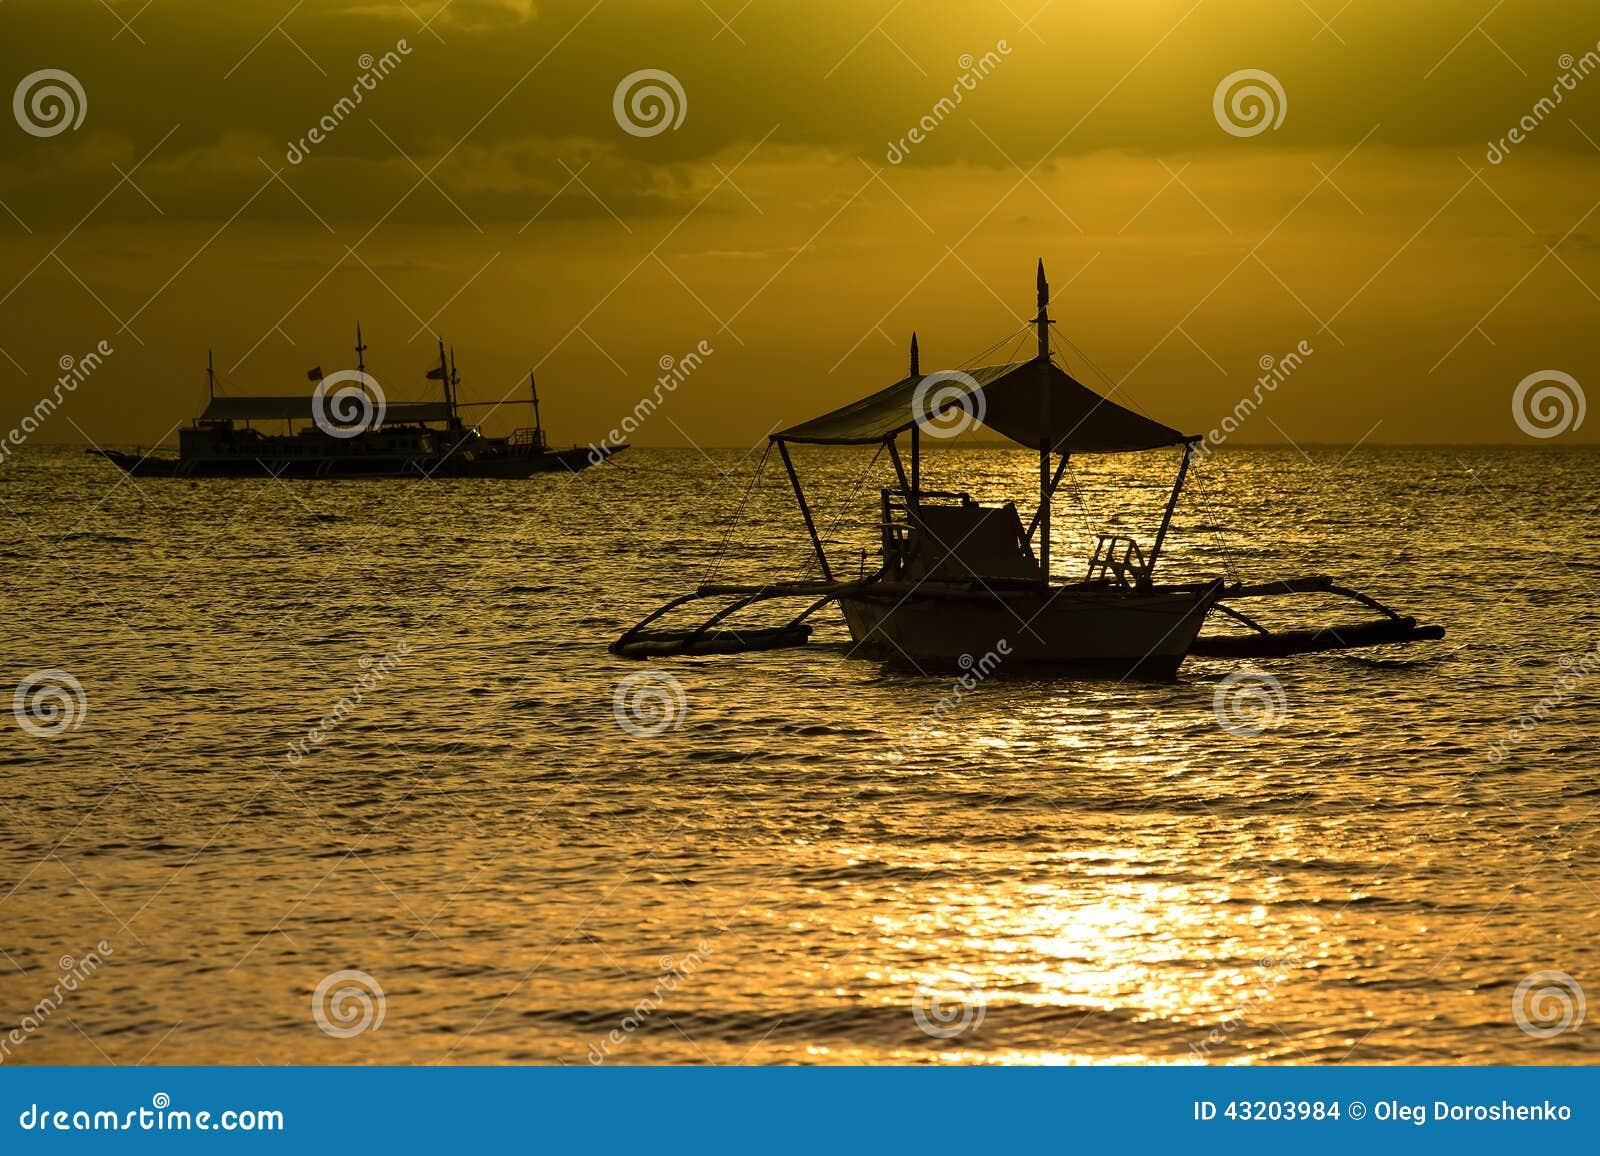 Download Strand över solnedgång arkivfoto. Bild av liggande, lopp - 43203984